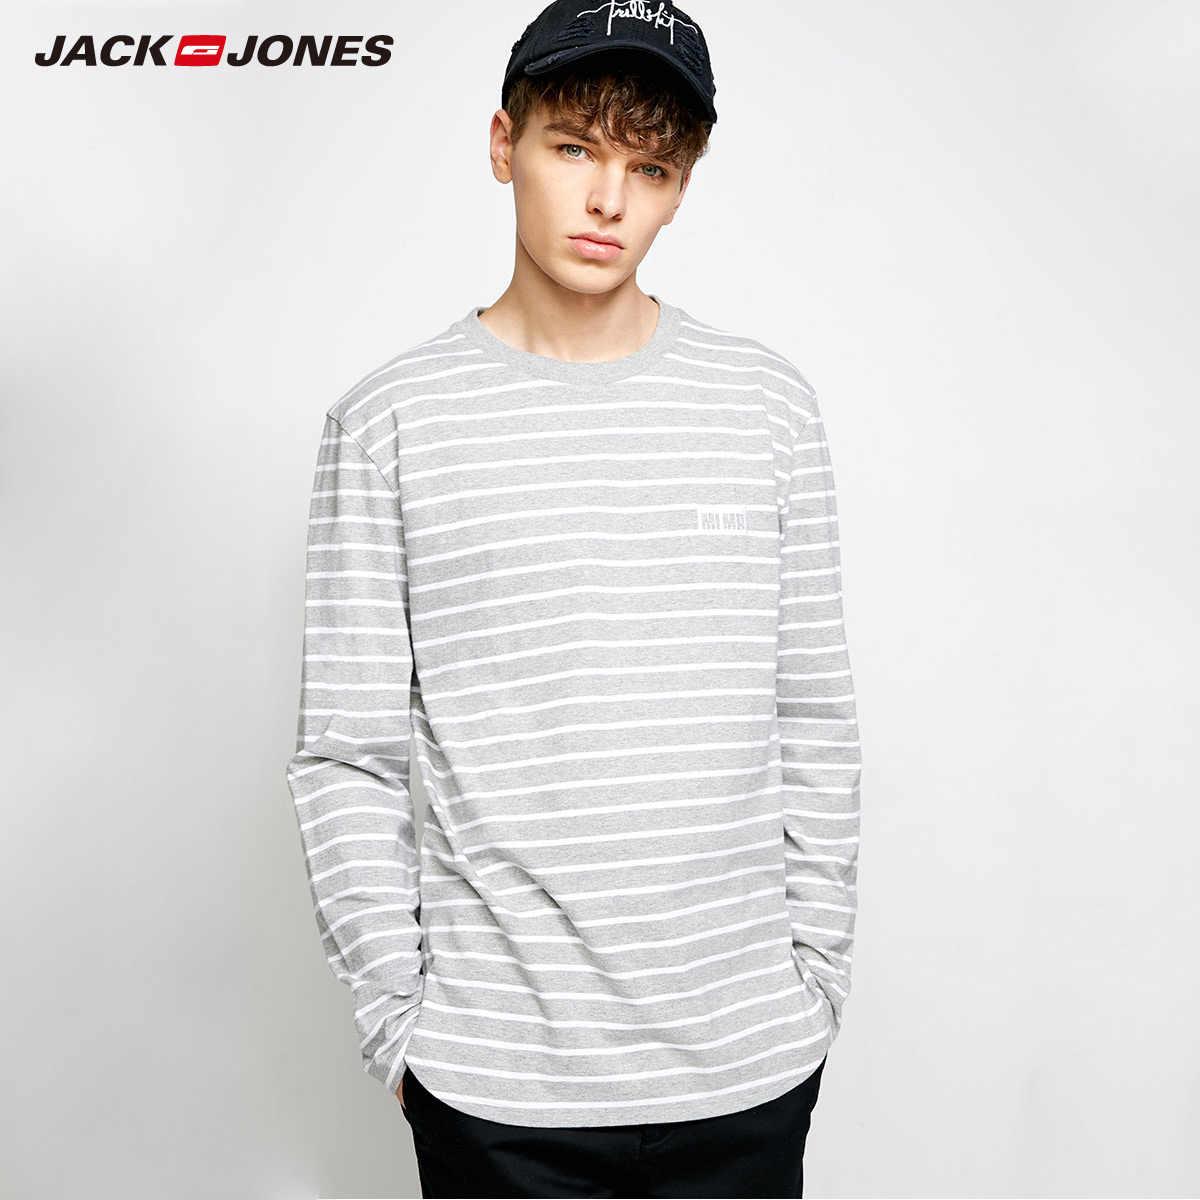 MLMR Мужская хлопковая футболка в полоску футболки с длинными рукавами с вышивкой 2019 JackJones новая брендовая мужская футболка jackjones | 218302505